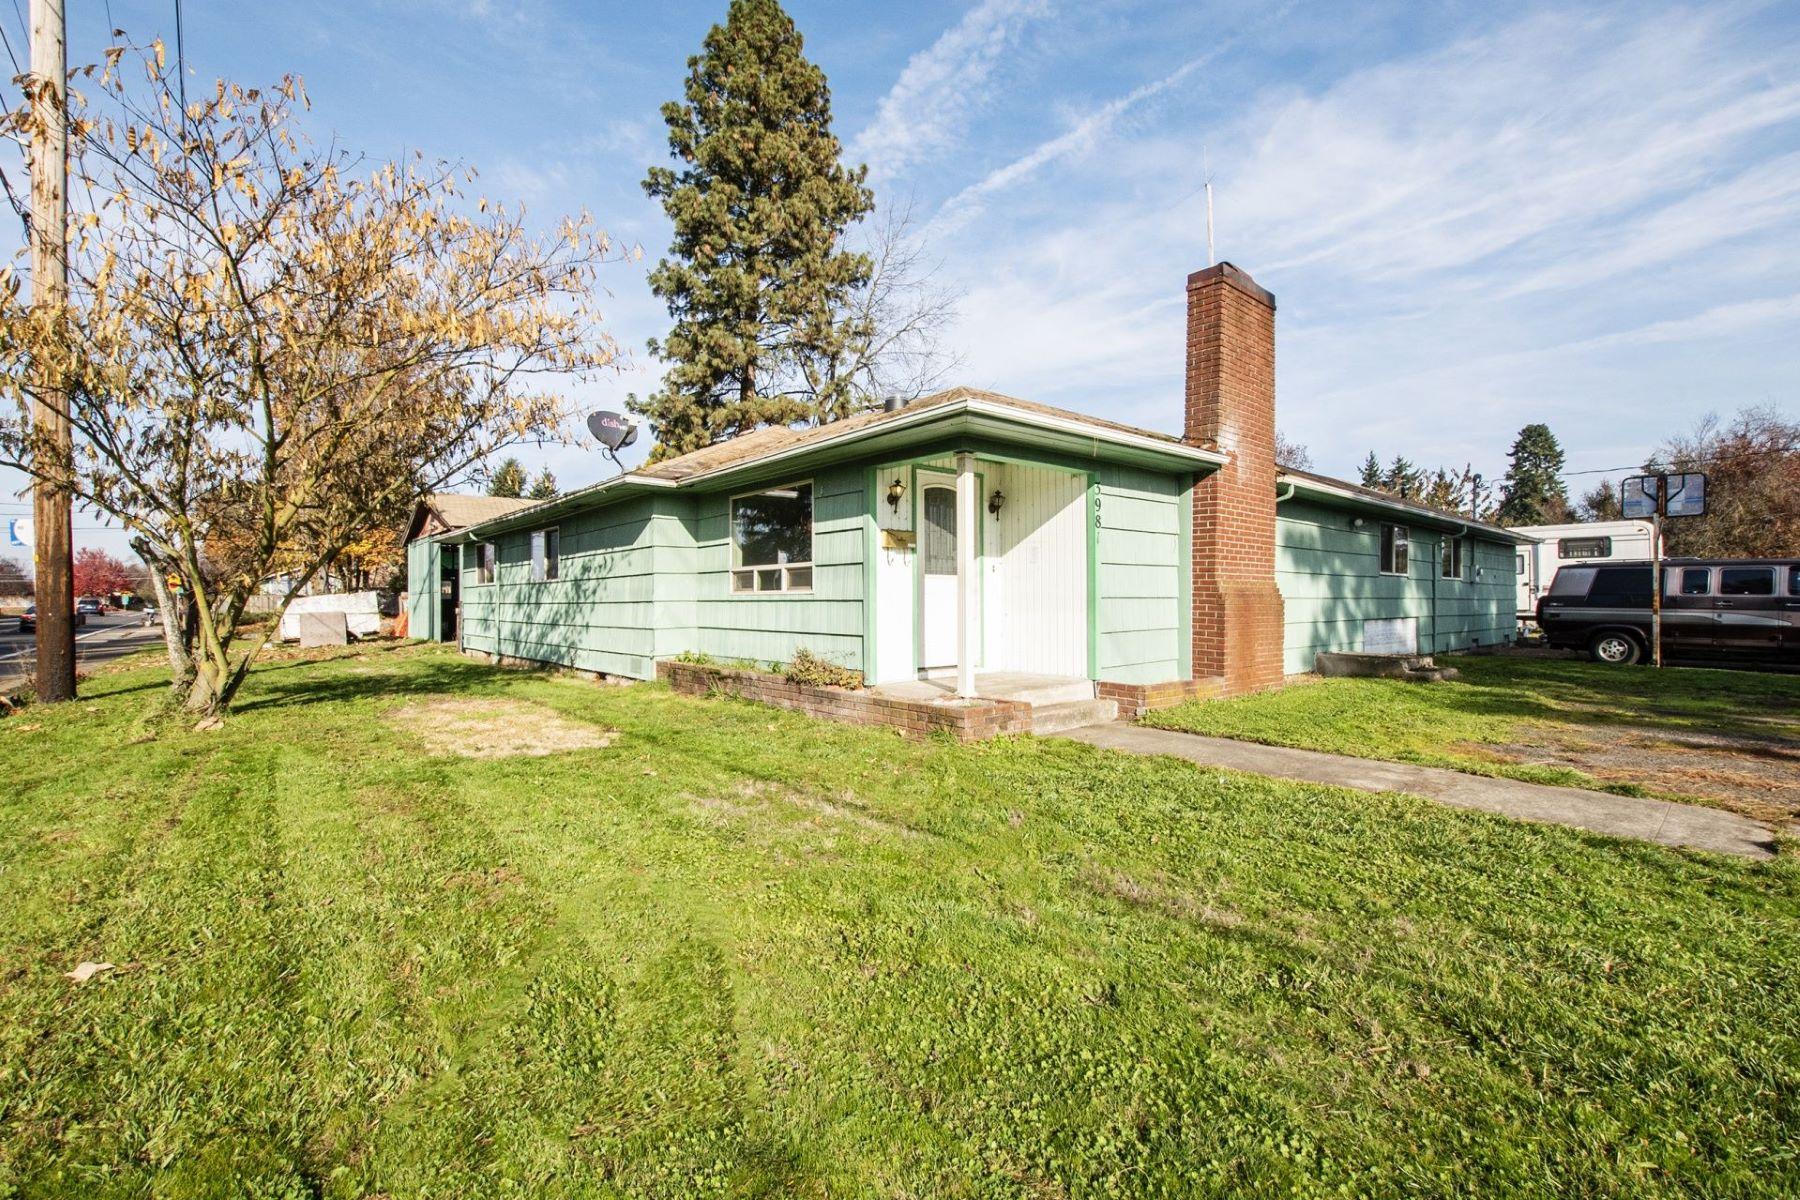 Other Residential Homes για την Πώληση στο 3981 BELL AVE Eugene, OR 97402 3981 BELL AVE BKUPLewis, Eugene, Ορεγκον 97402 Ηνωμένες Πολιτείες